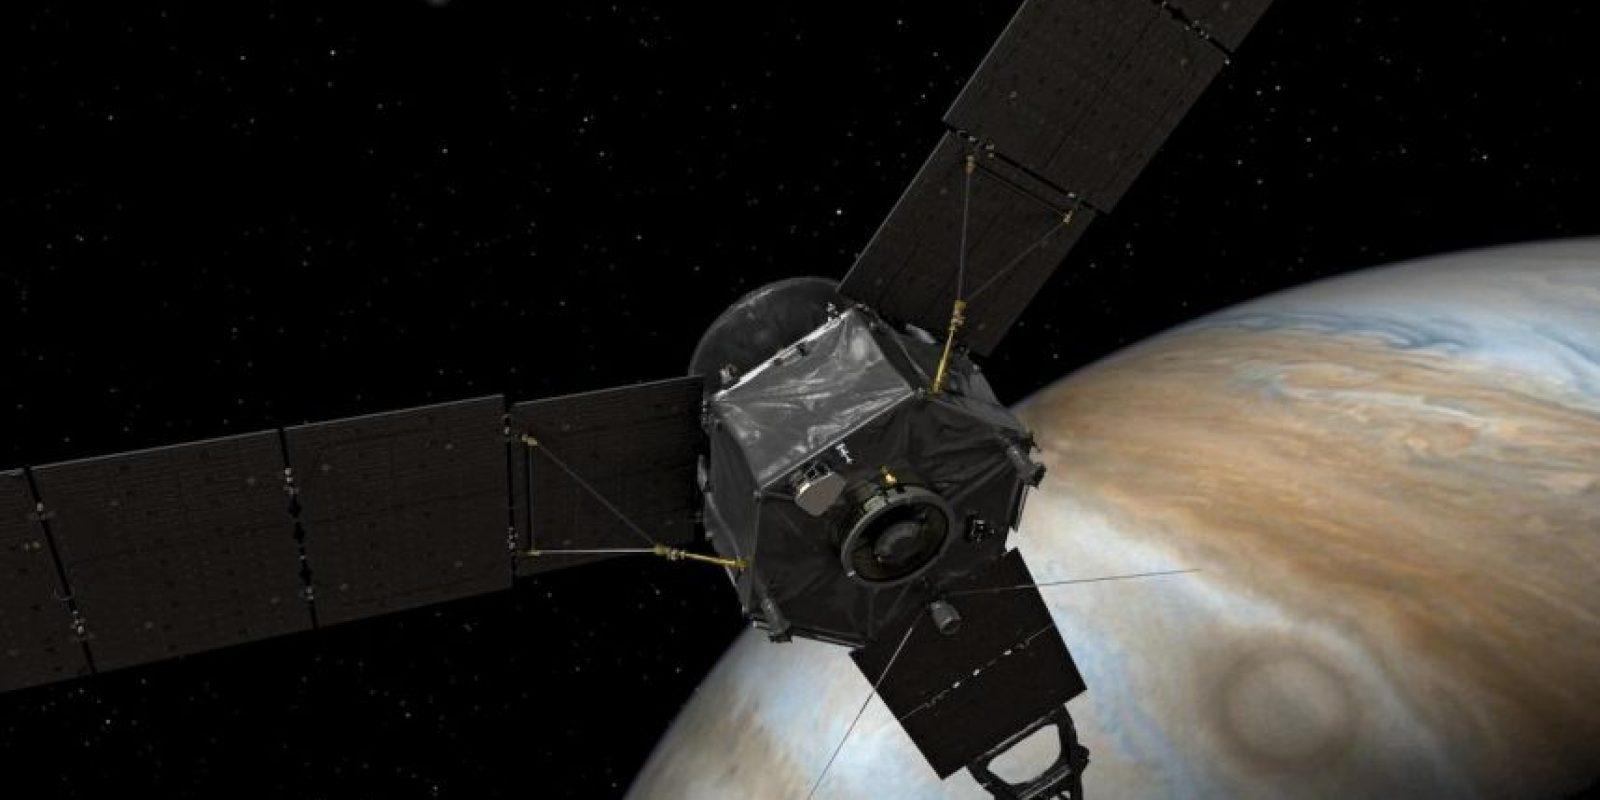 Es impulsada por energía solar Foto:NASA